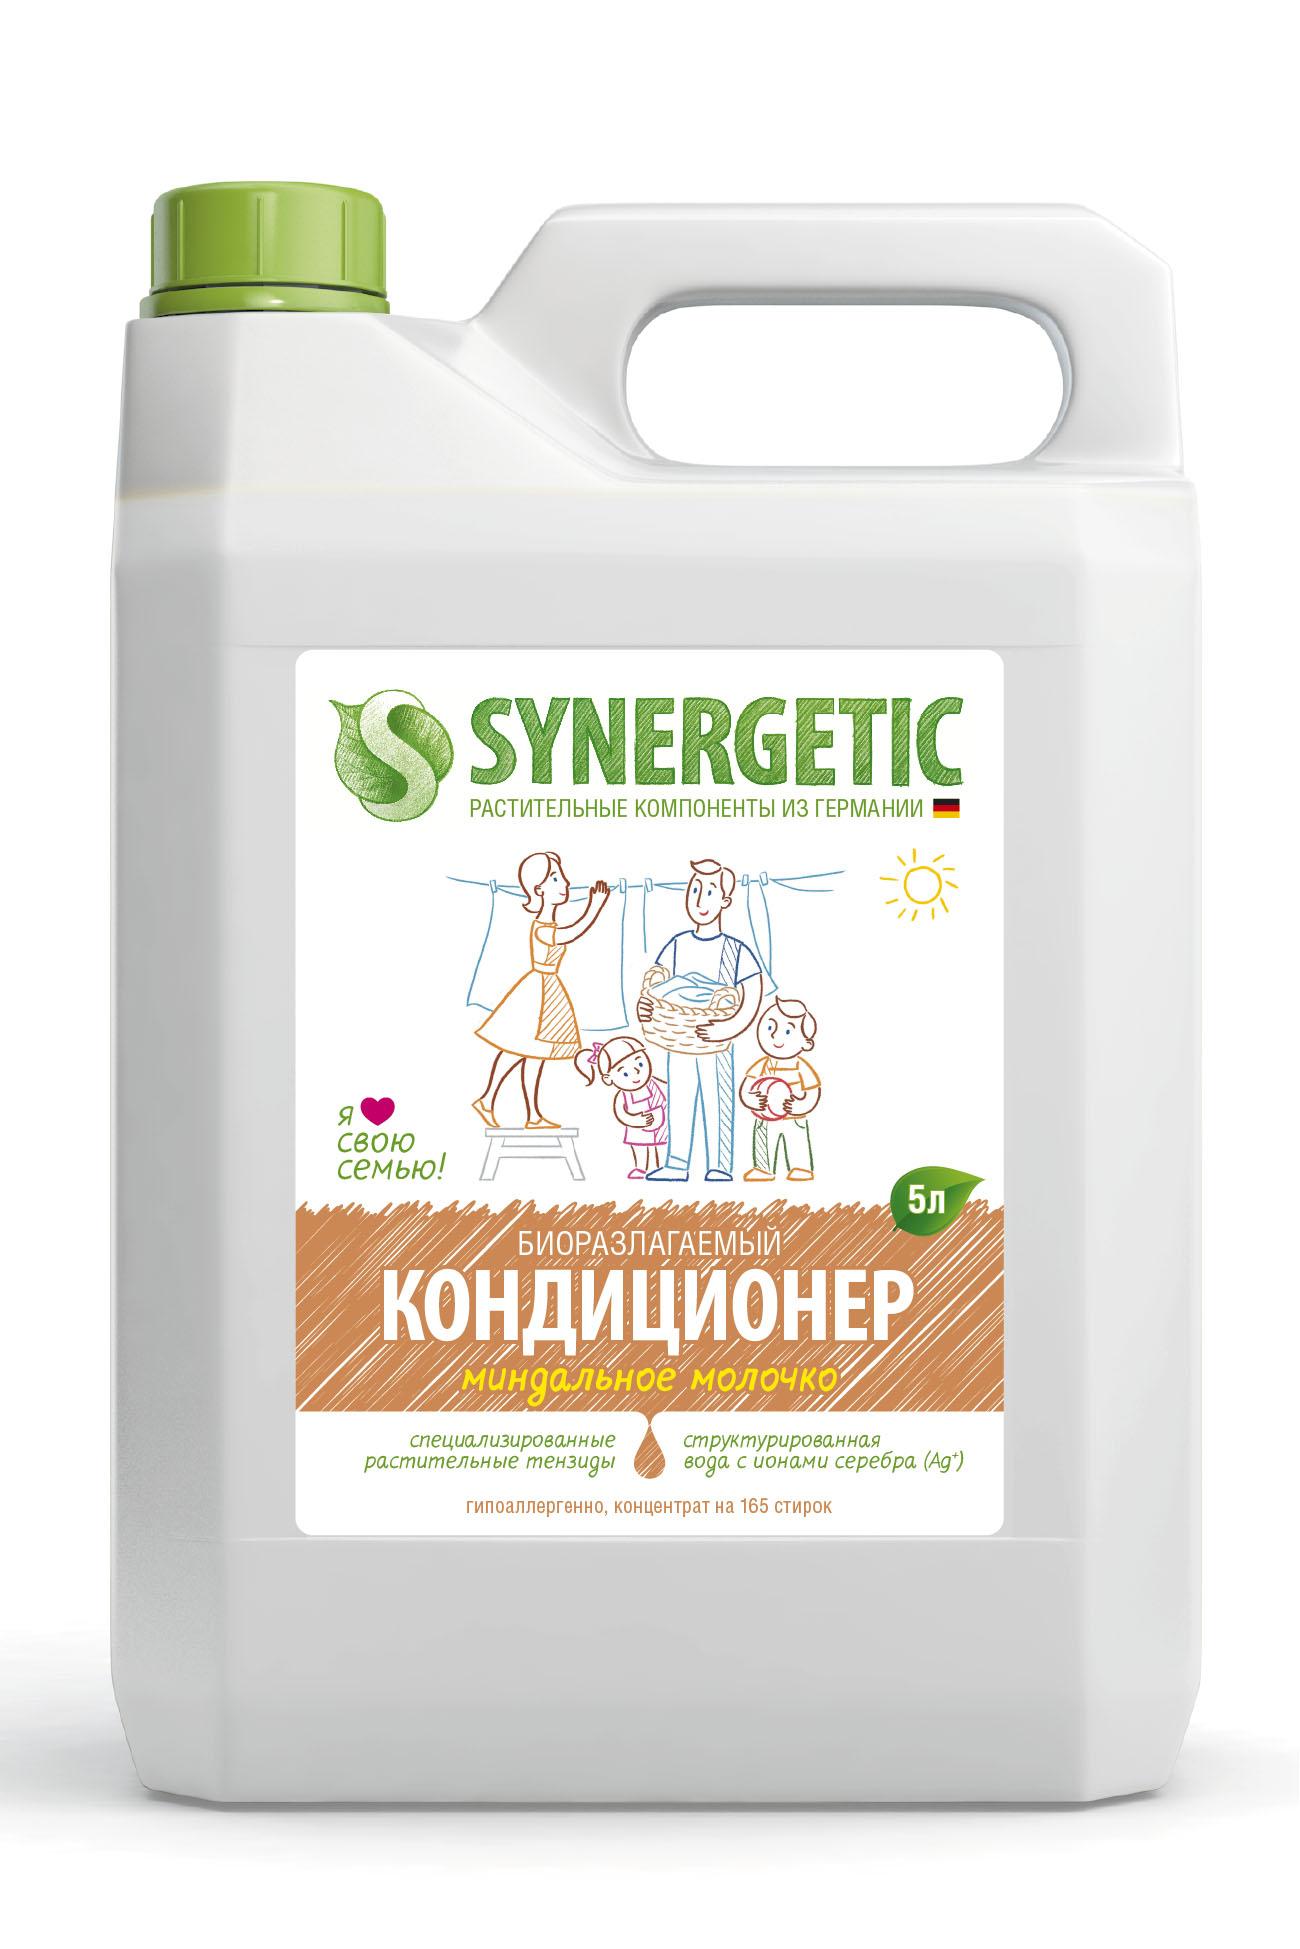 Кондиционер для белья Synergetic «Миндальное молочко» 5 л кондиционер для белья synergetic 5 л